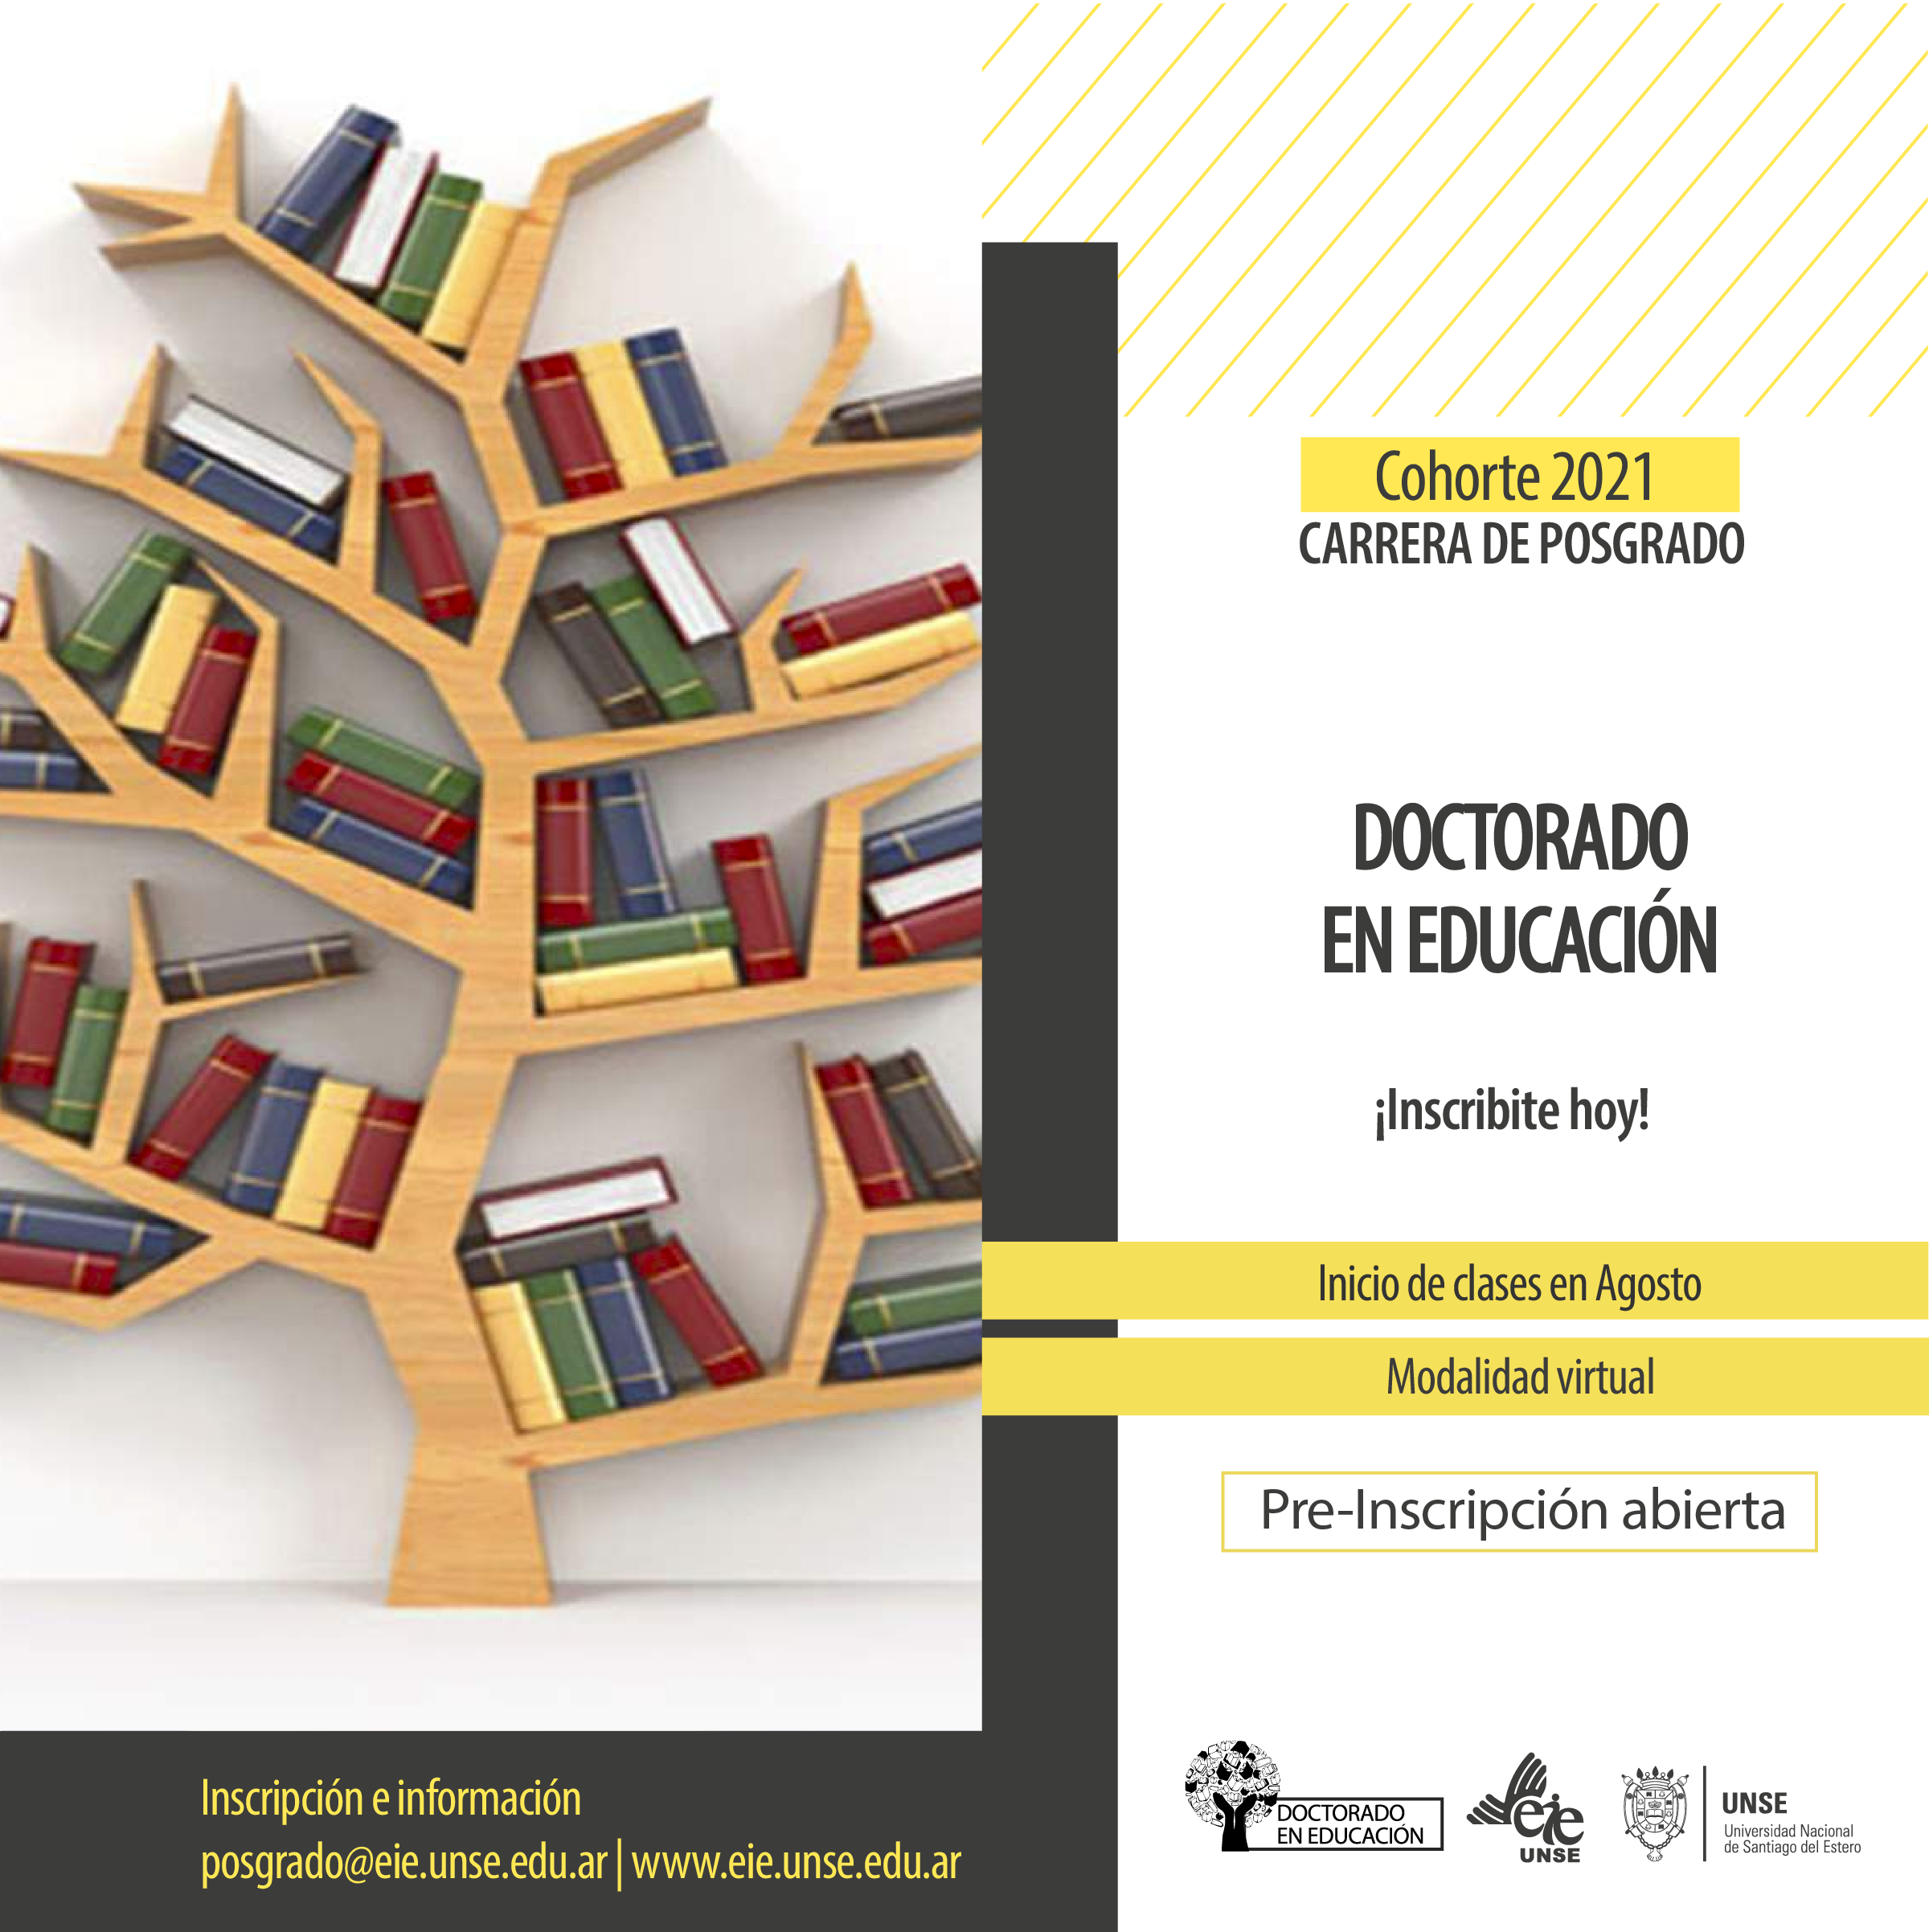 Pre-inscripción abierta al Doctorado en Educación - Cohorte 2021